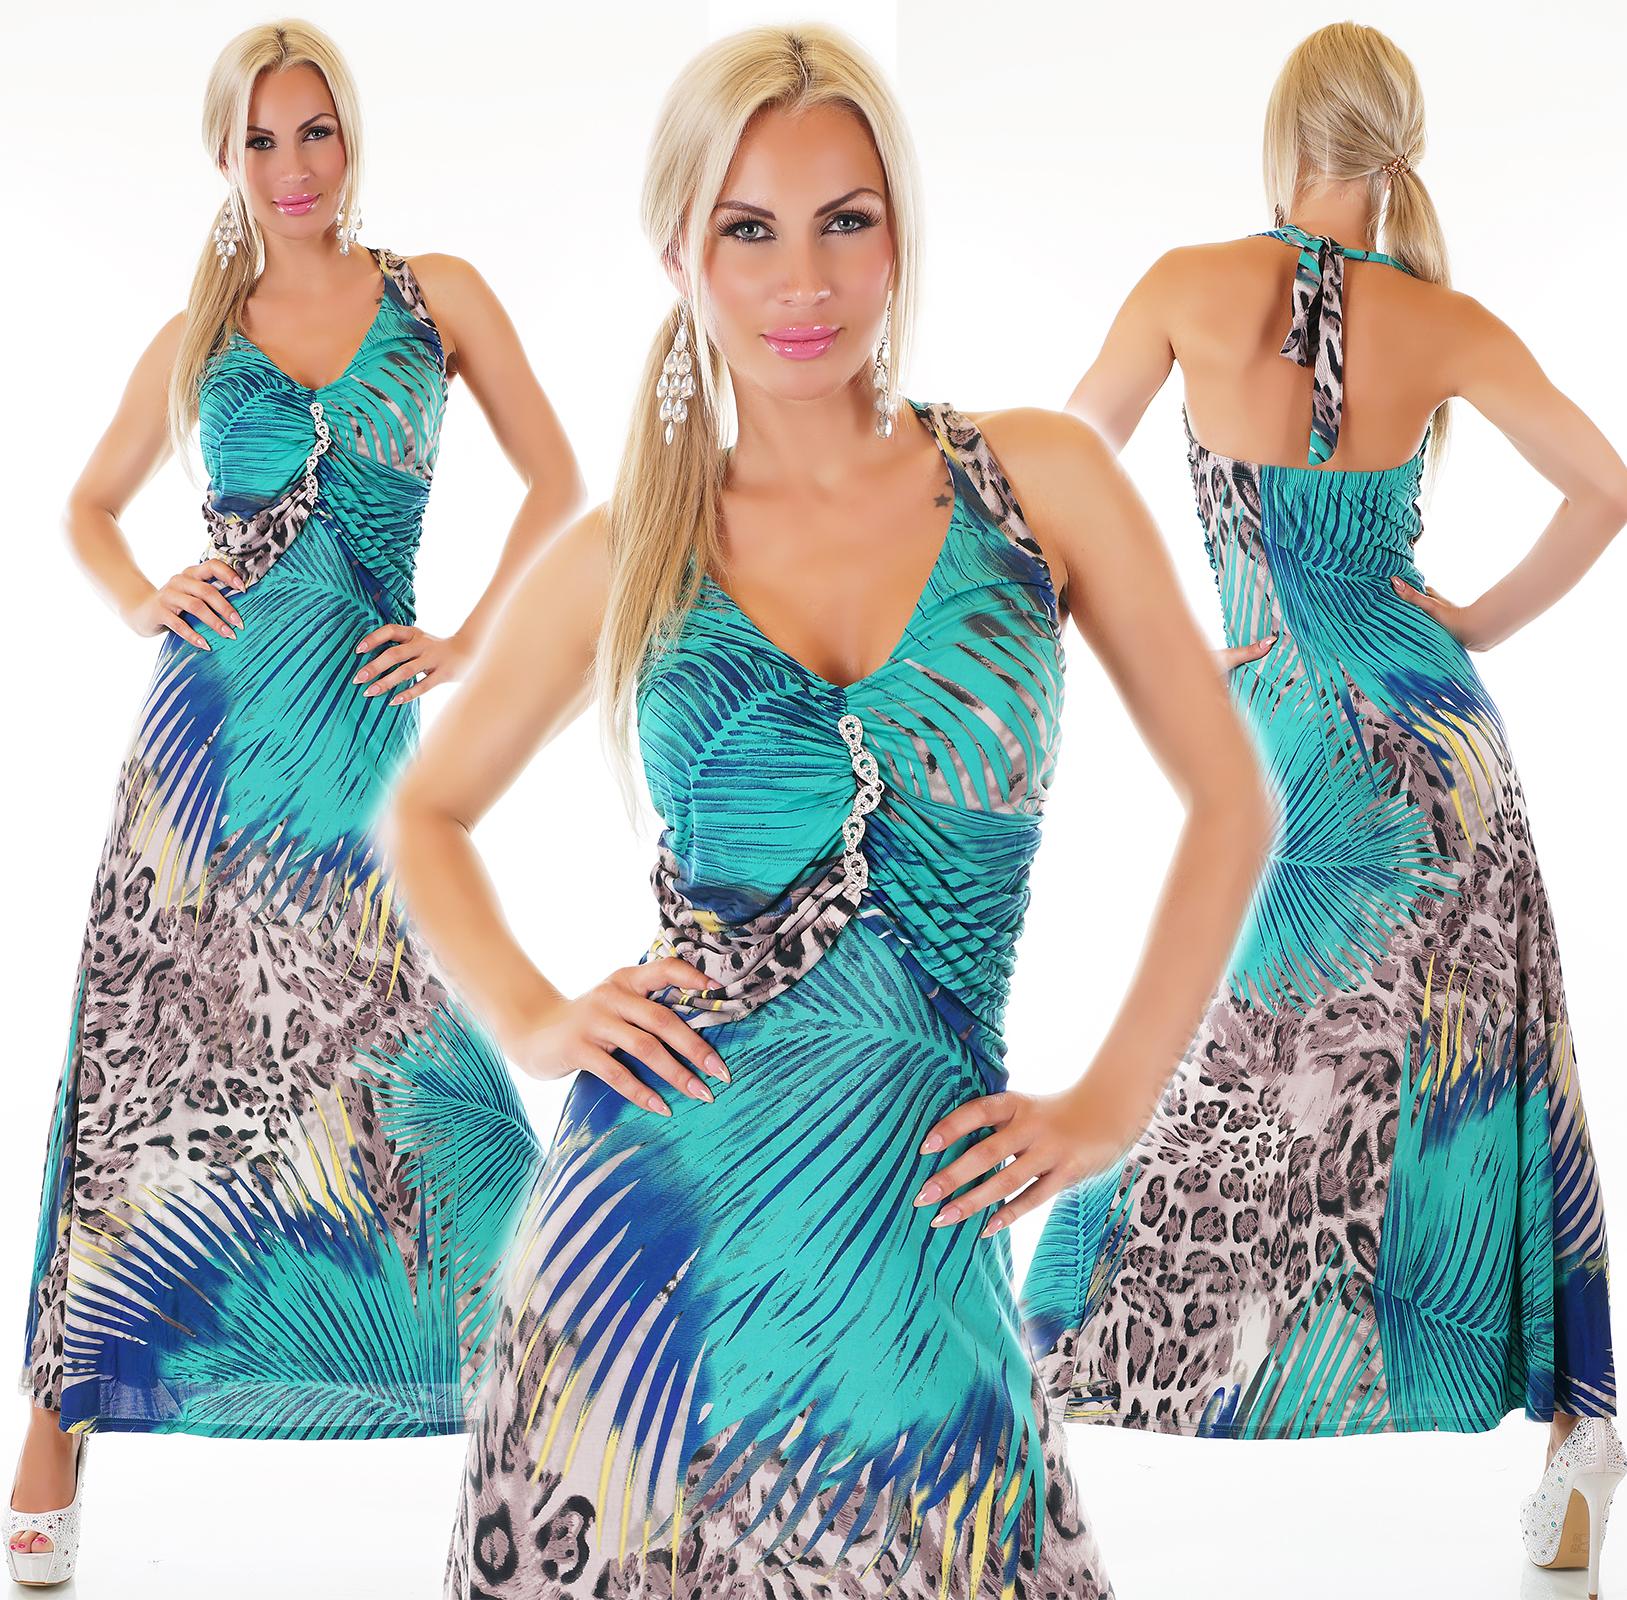 Dámské šaty dlouhé barevné se štrasovou ozdobou eac86f2b72